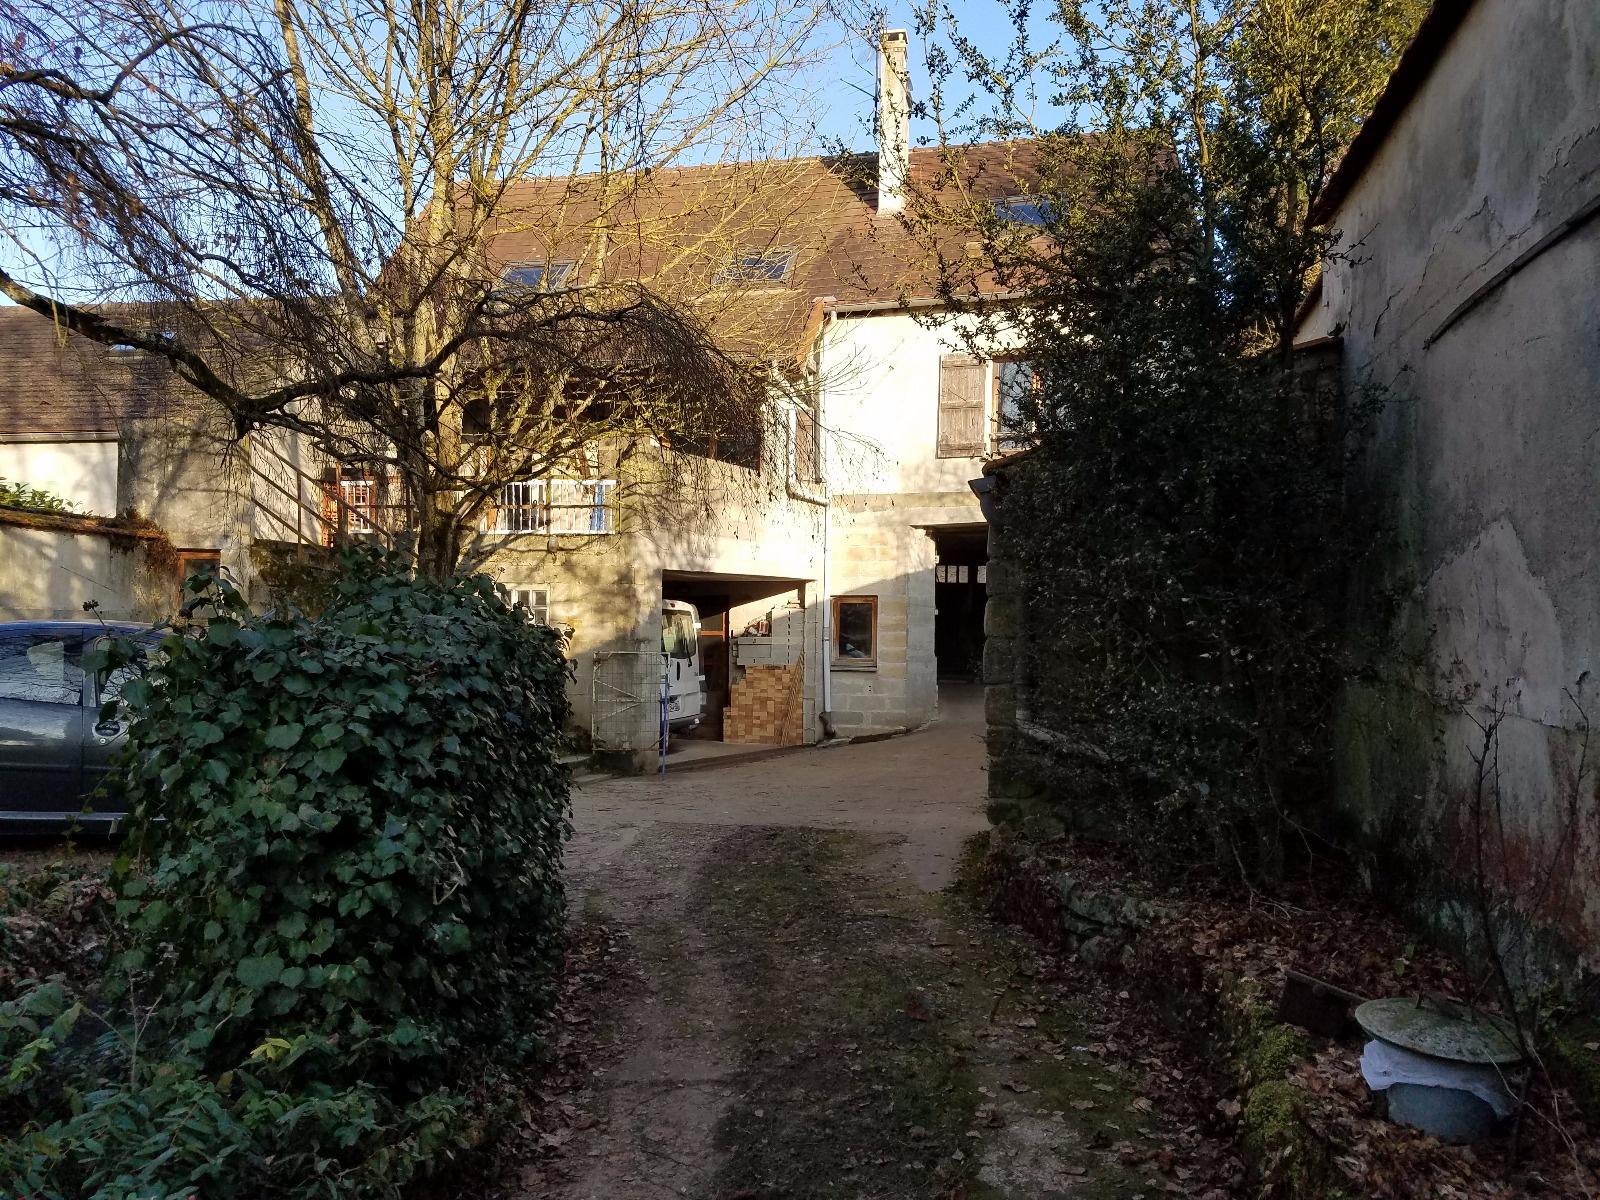 Vente maison bussy st georges avec agencity immobilier for Modele maison 160m2